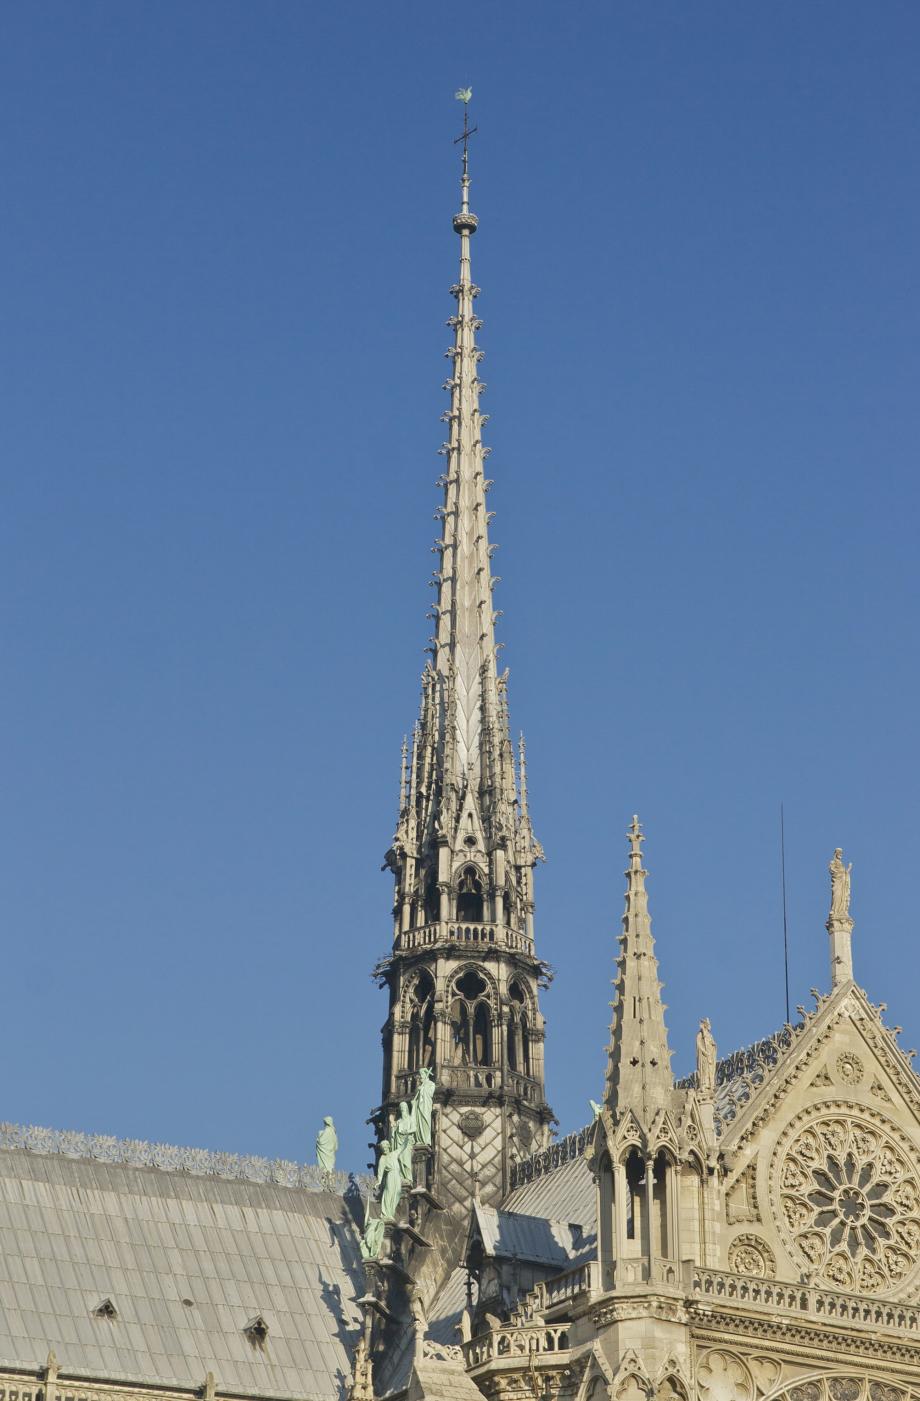 Flèche_Notre-Dame_de_Paris.jpg